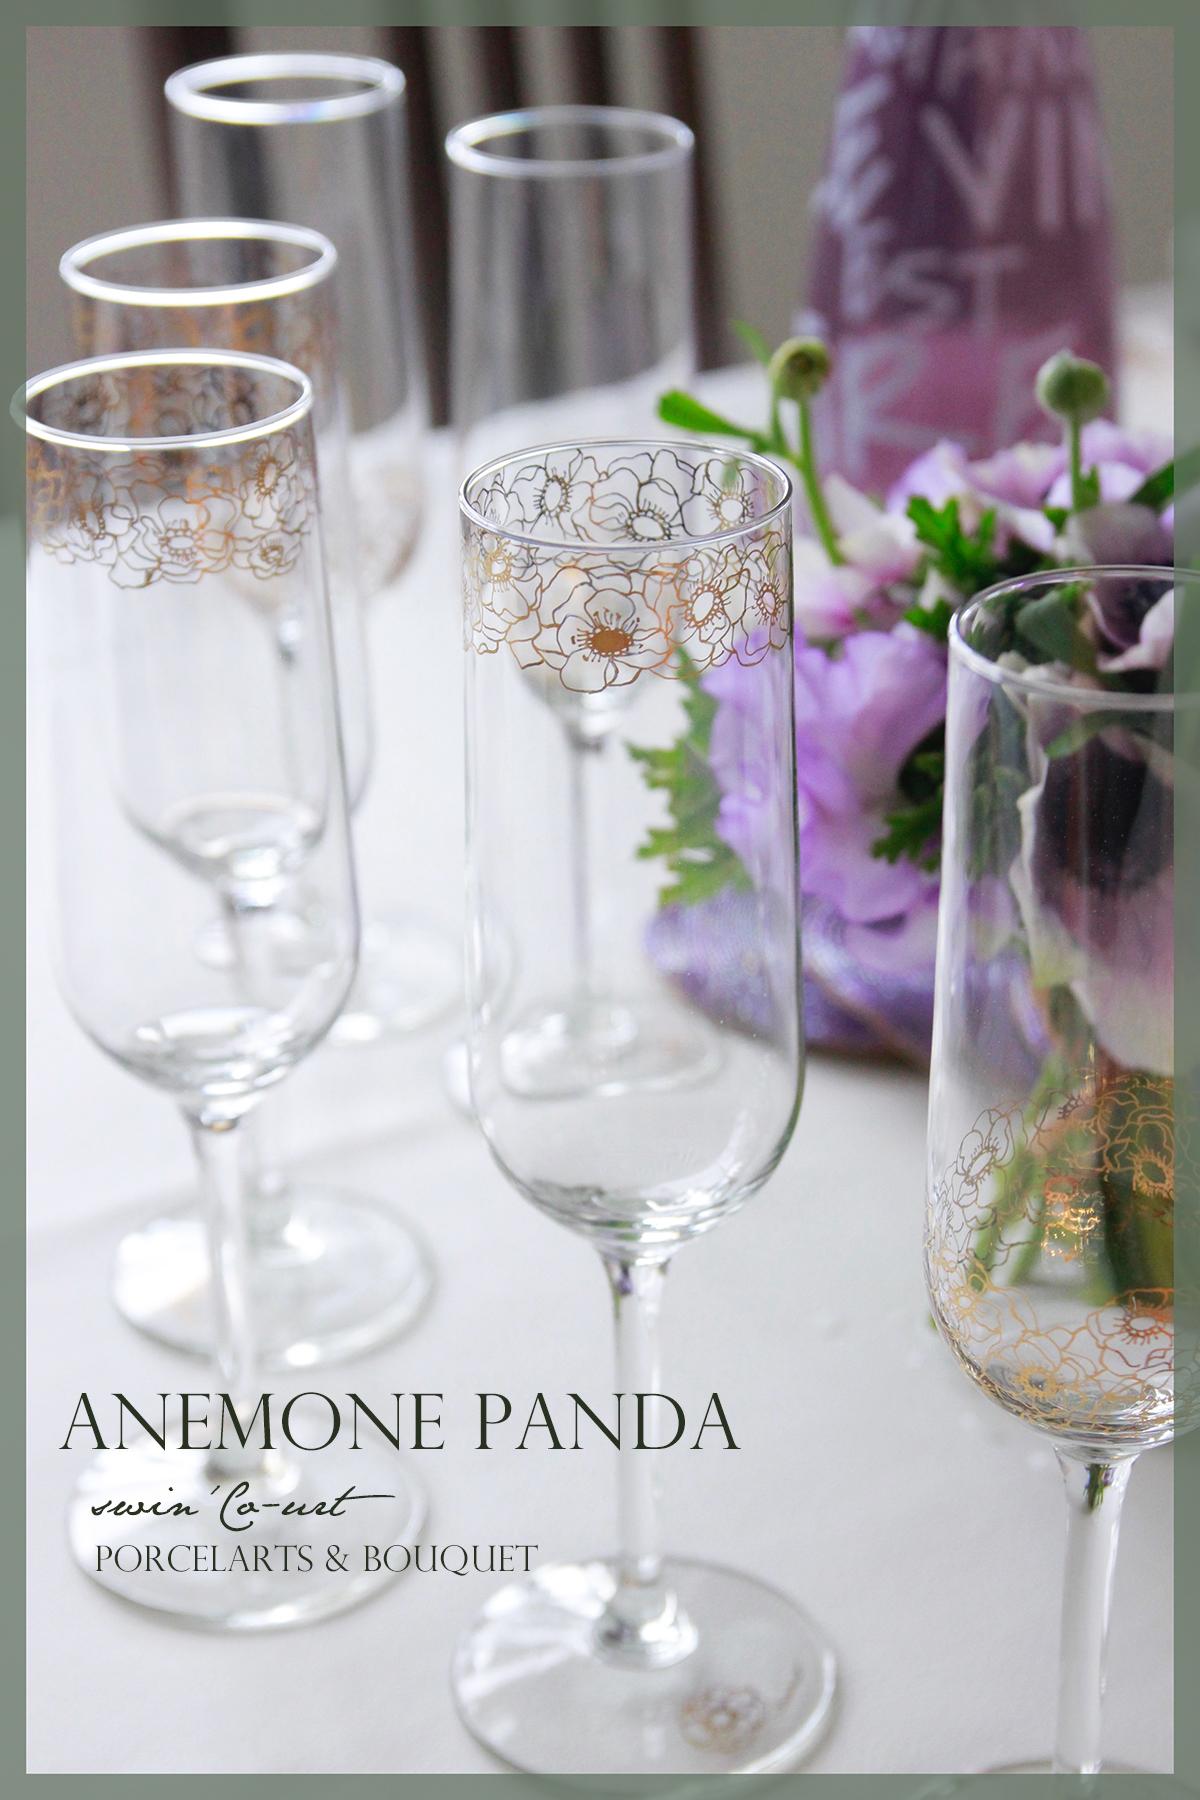 anemonepanda